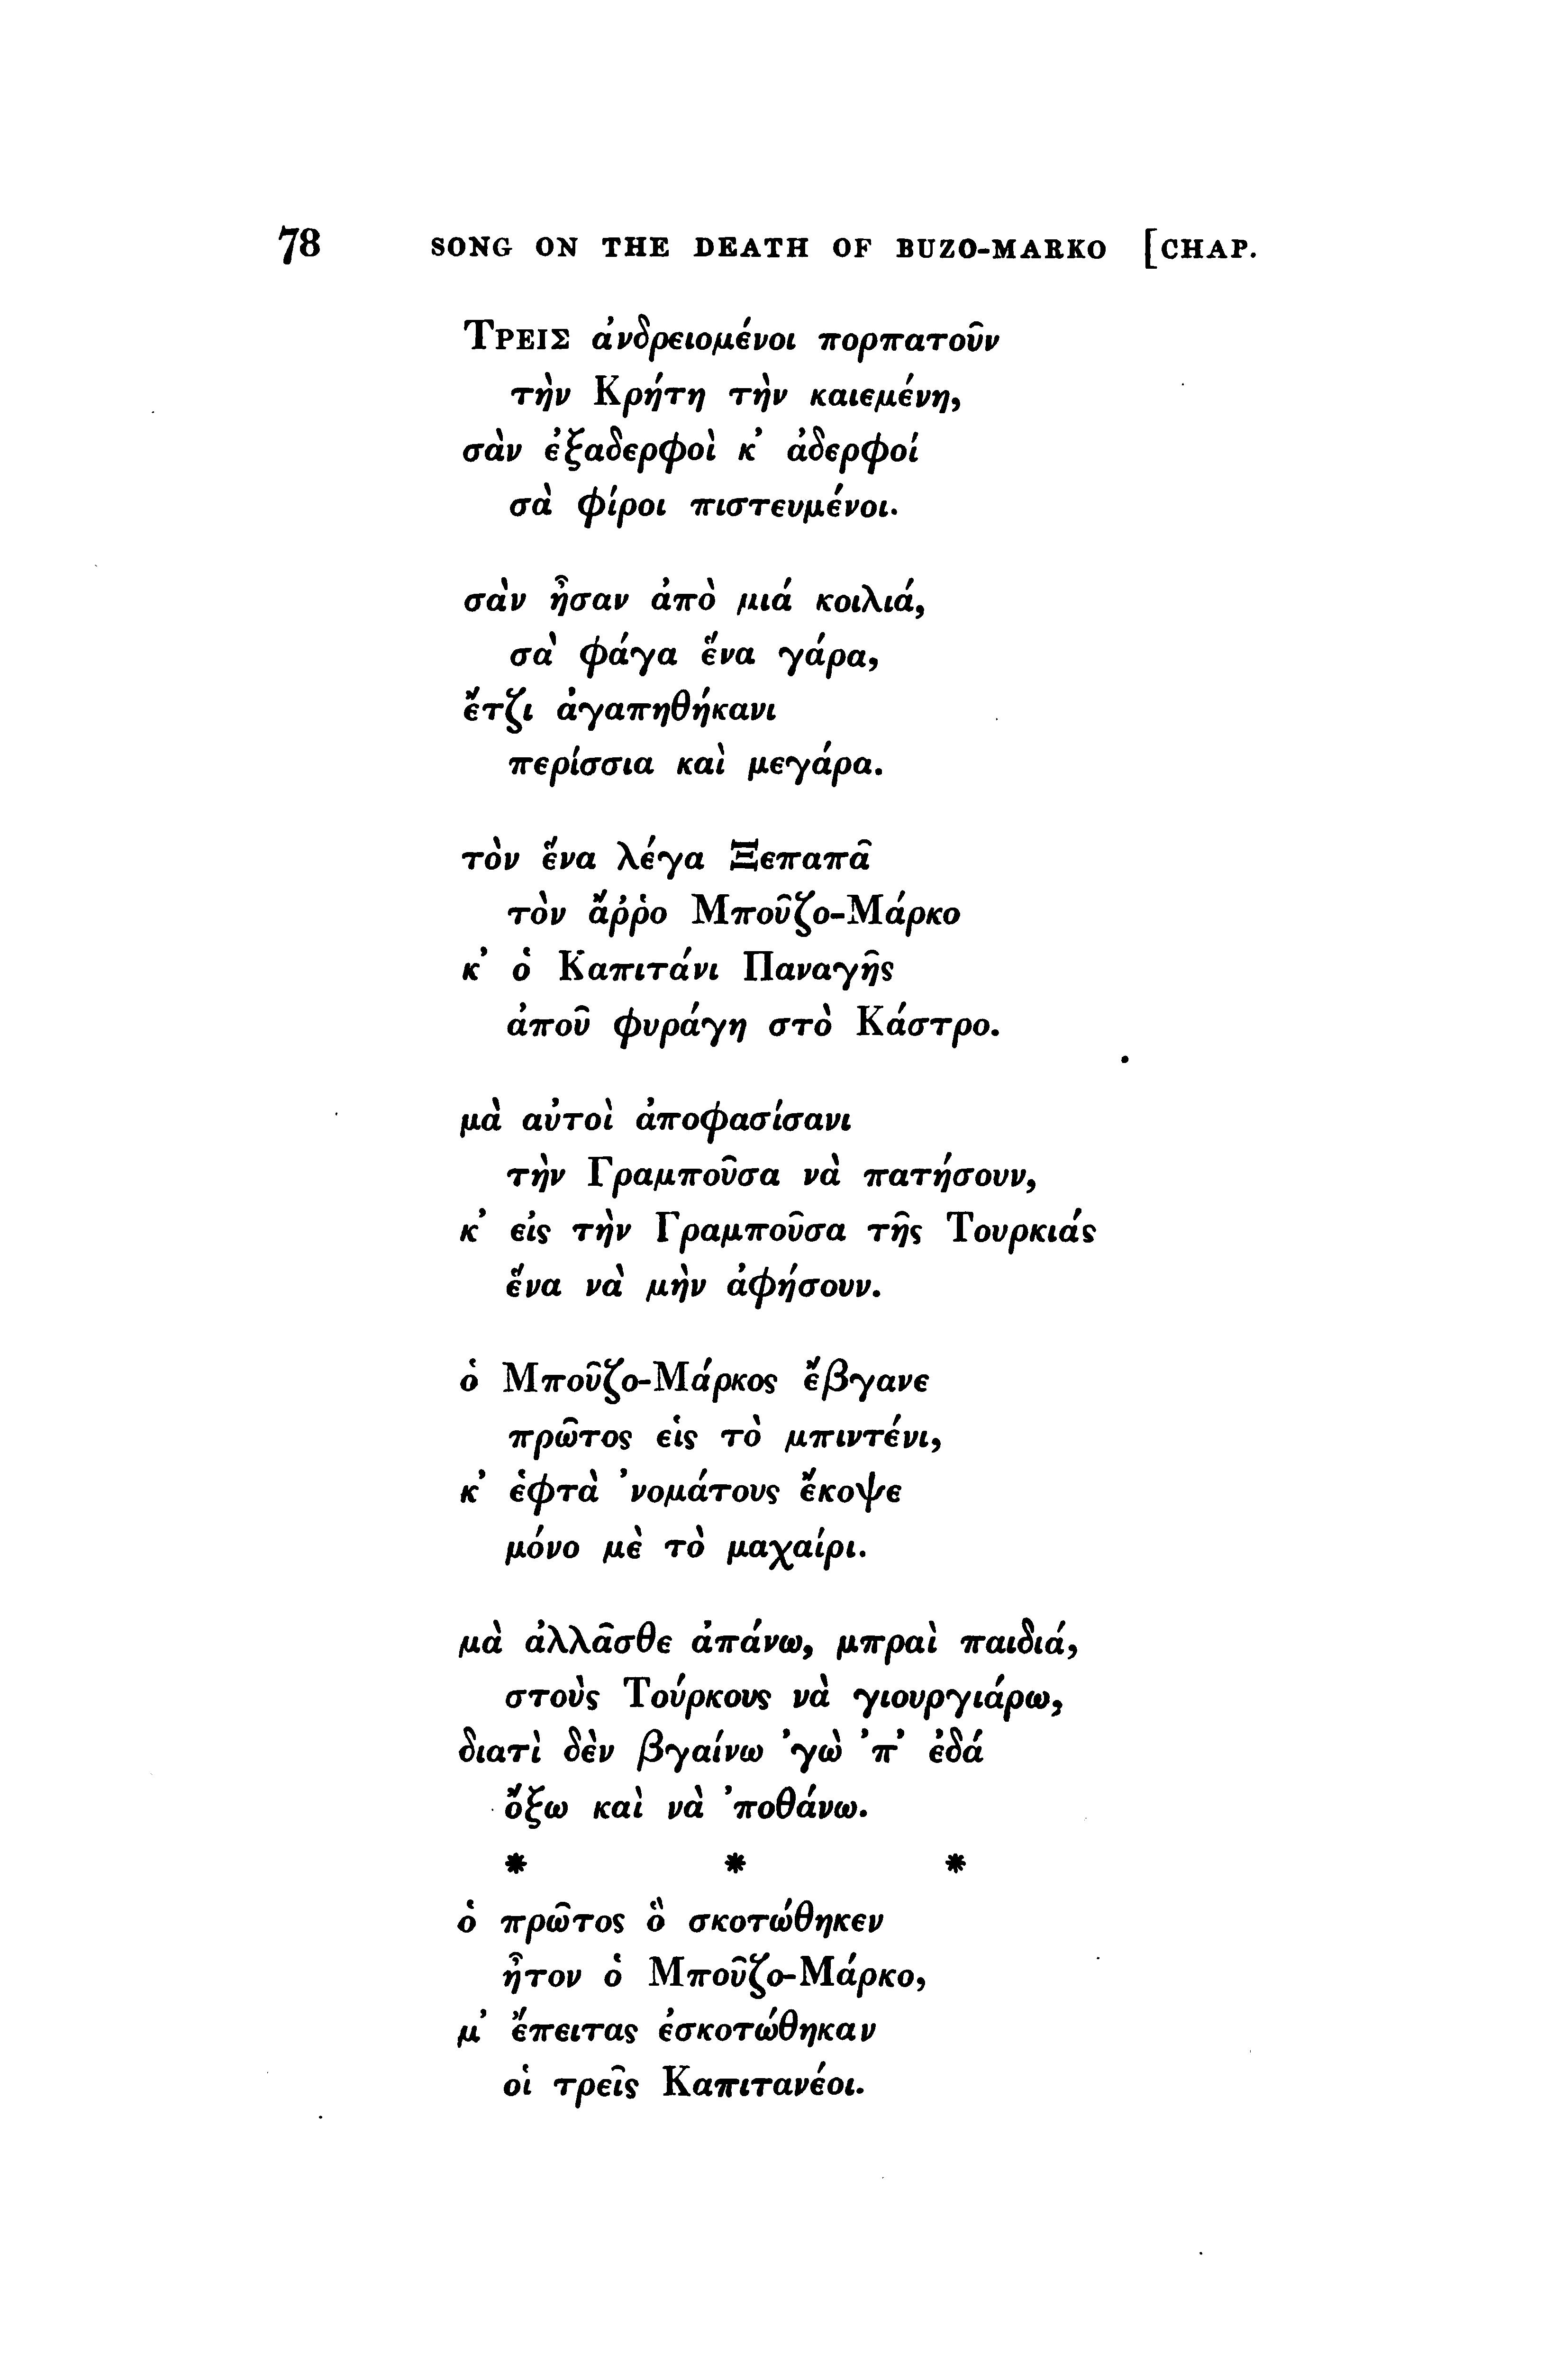 Το τραγούδι του καπετάν Μανιά